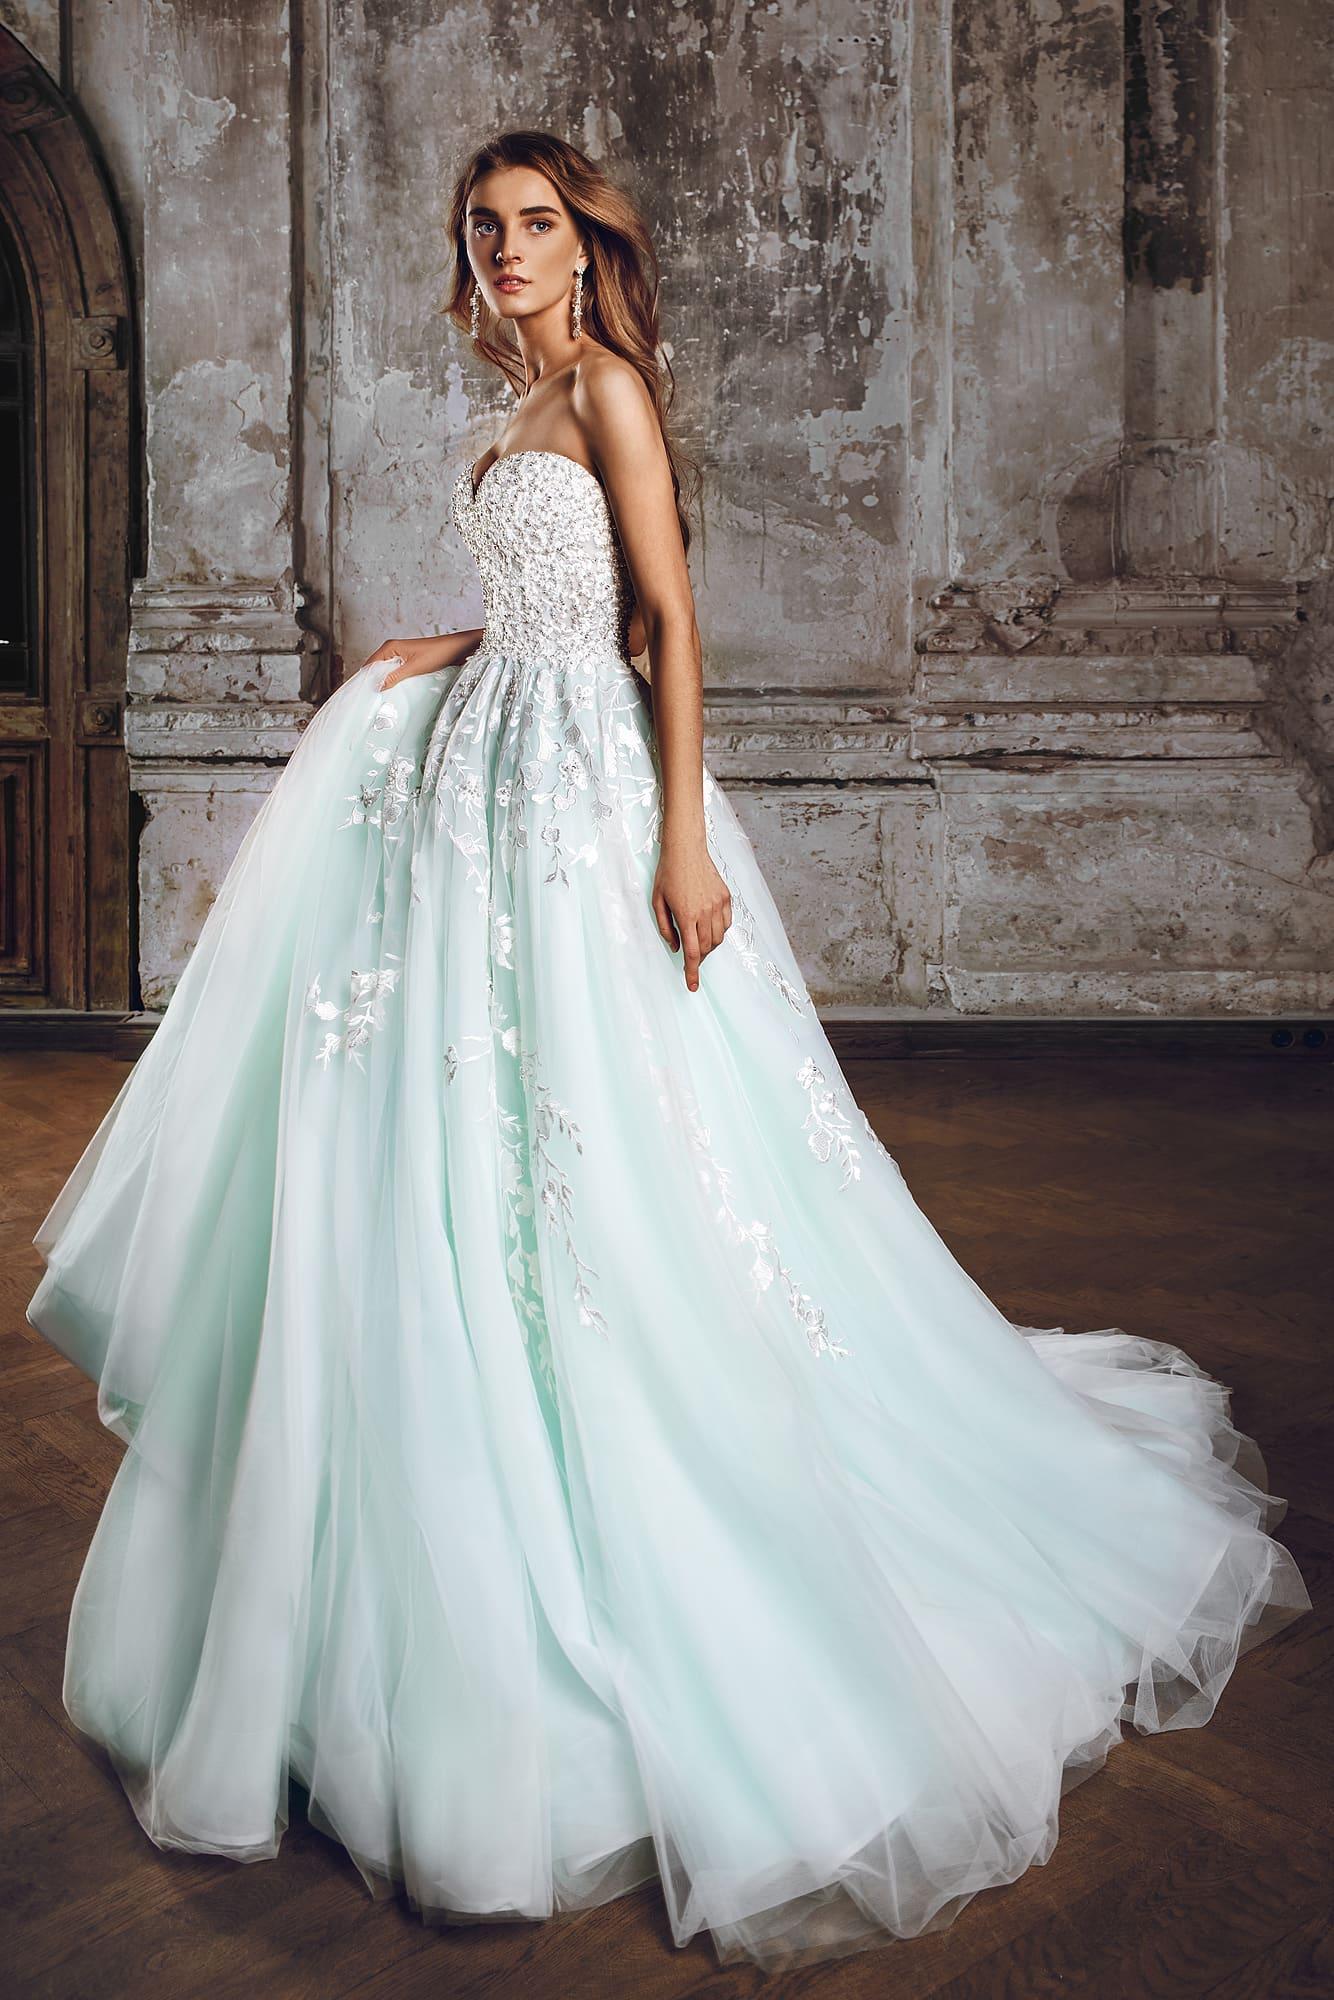 Выбираем платье невесты: главные тенденции свадебной моды 2018